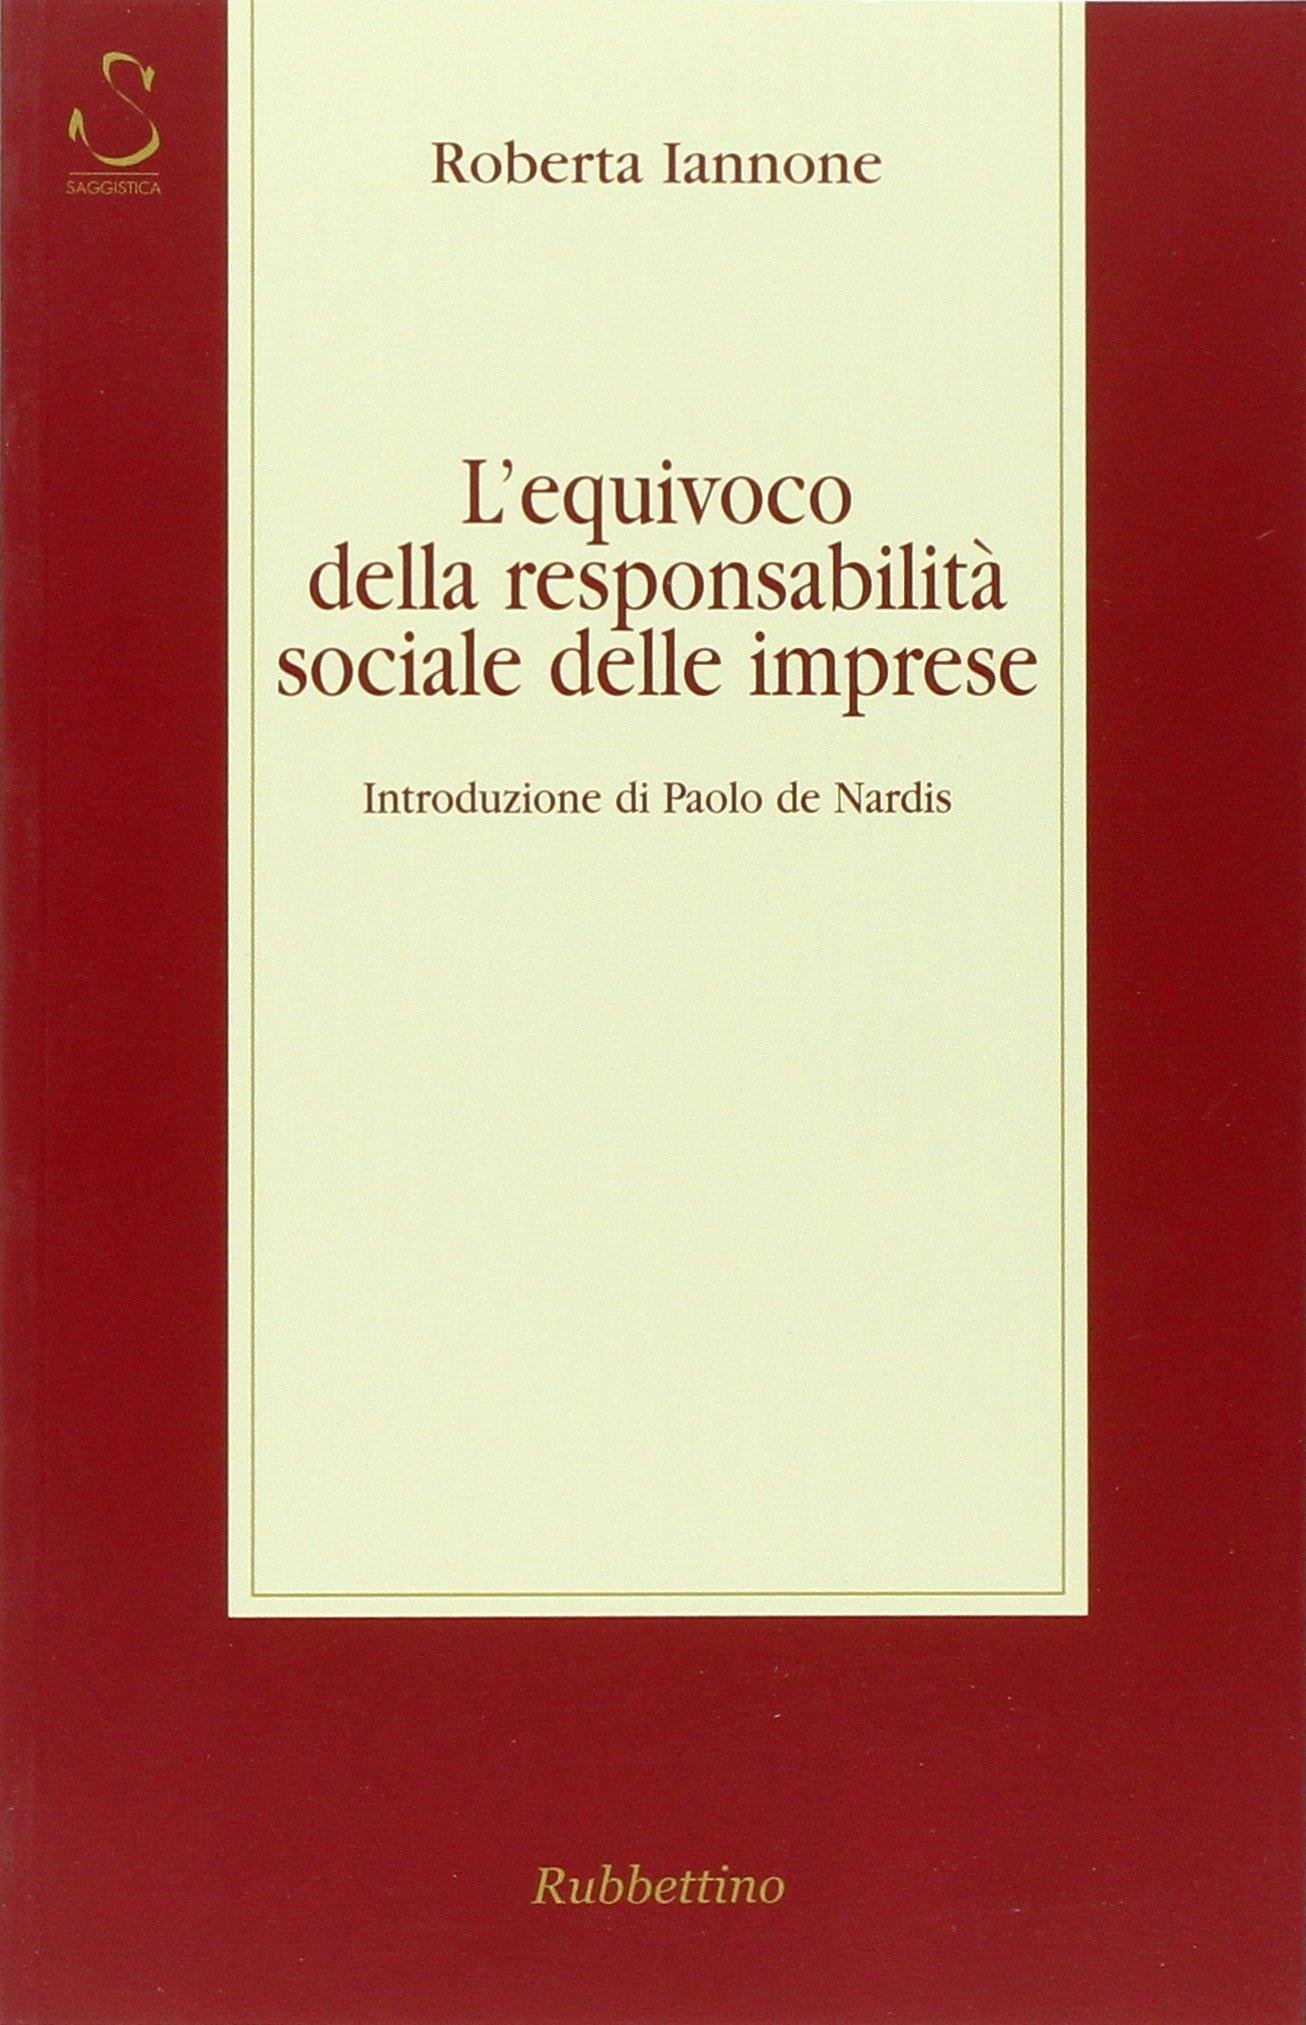 Download L'equivoco della responsabilità sociale delle imprese pdf epub